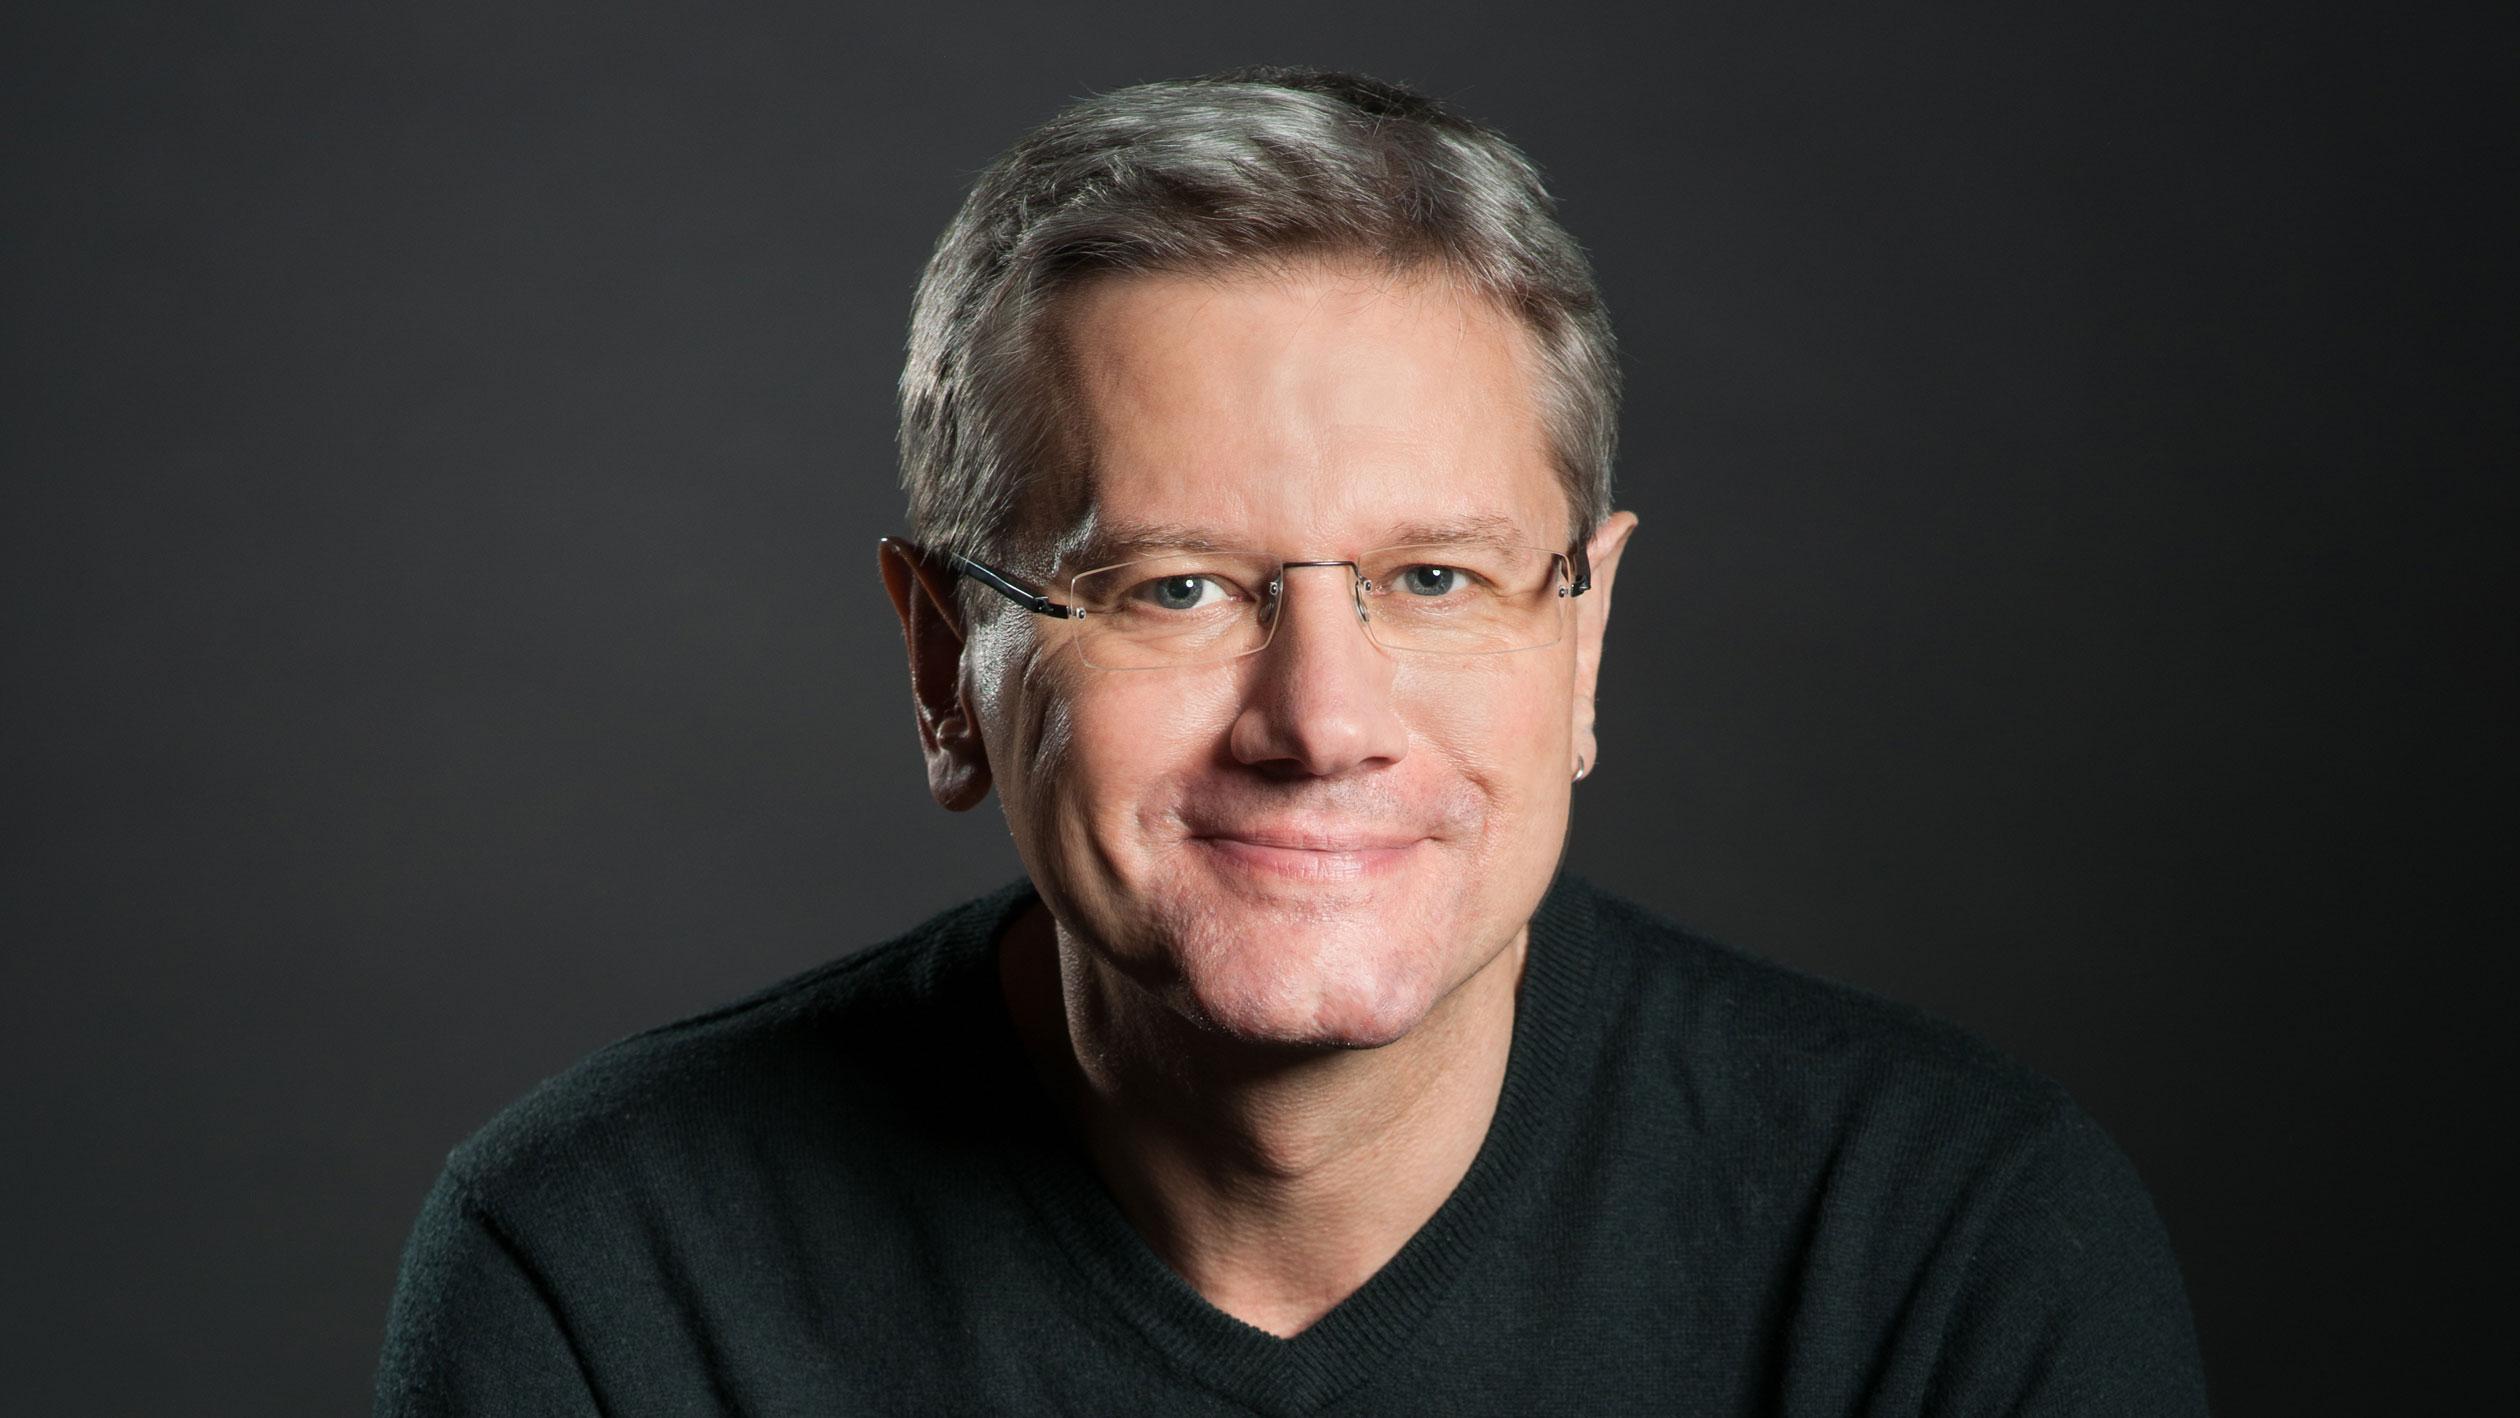 Willi Schiegel - IT-Administrator und Geistlicher Begleiter, Copyright: privat